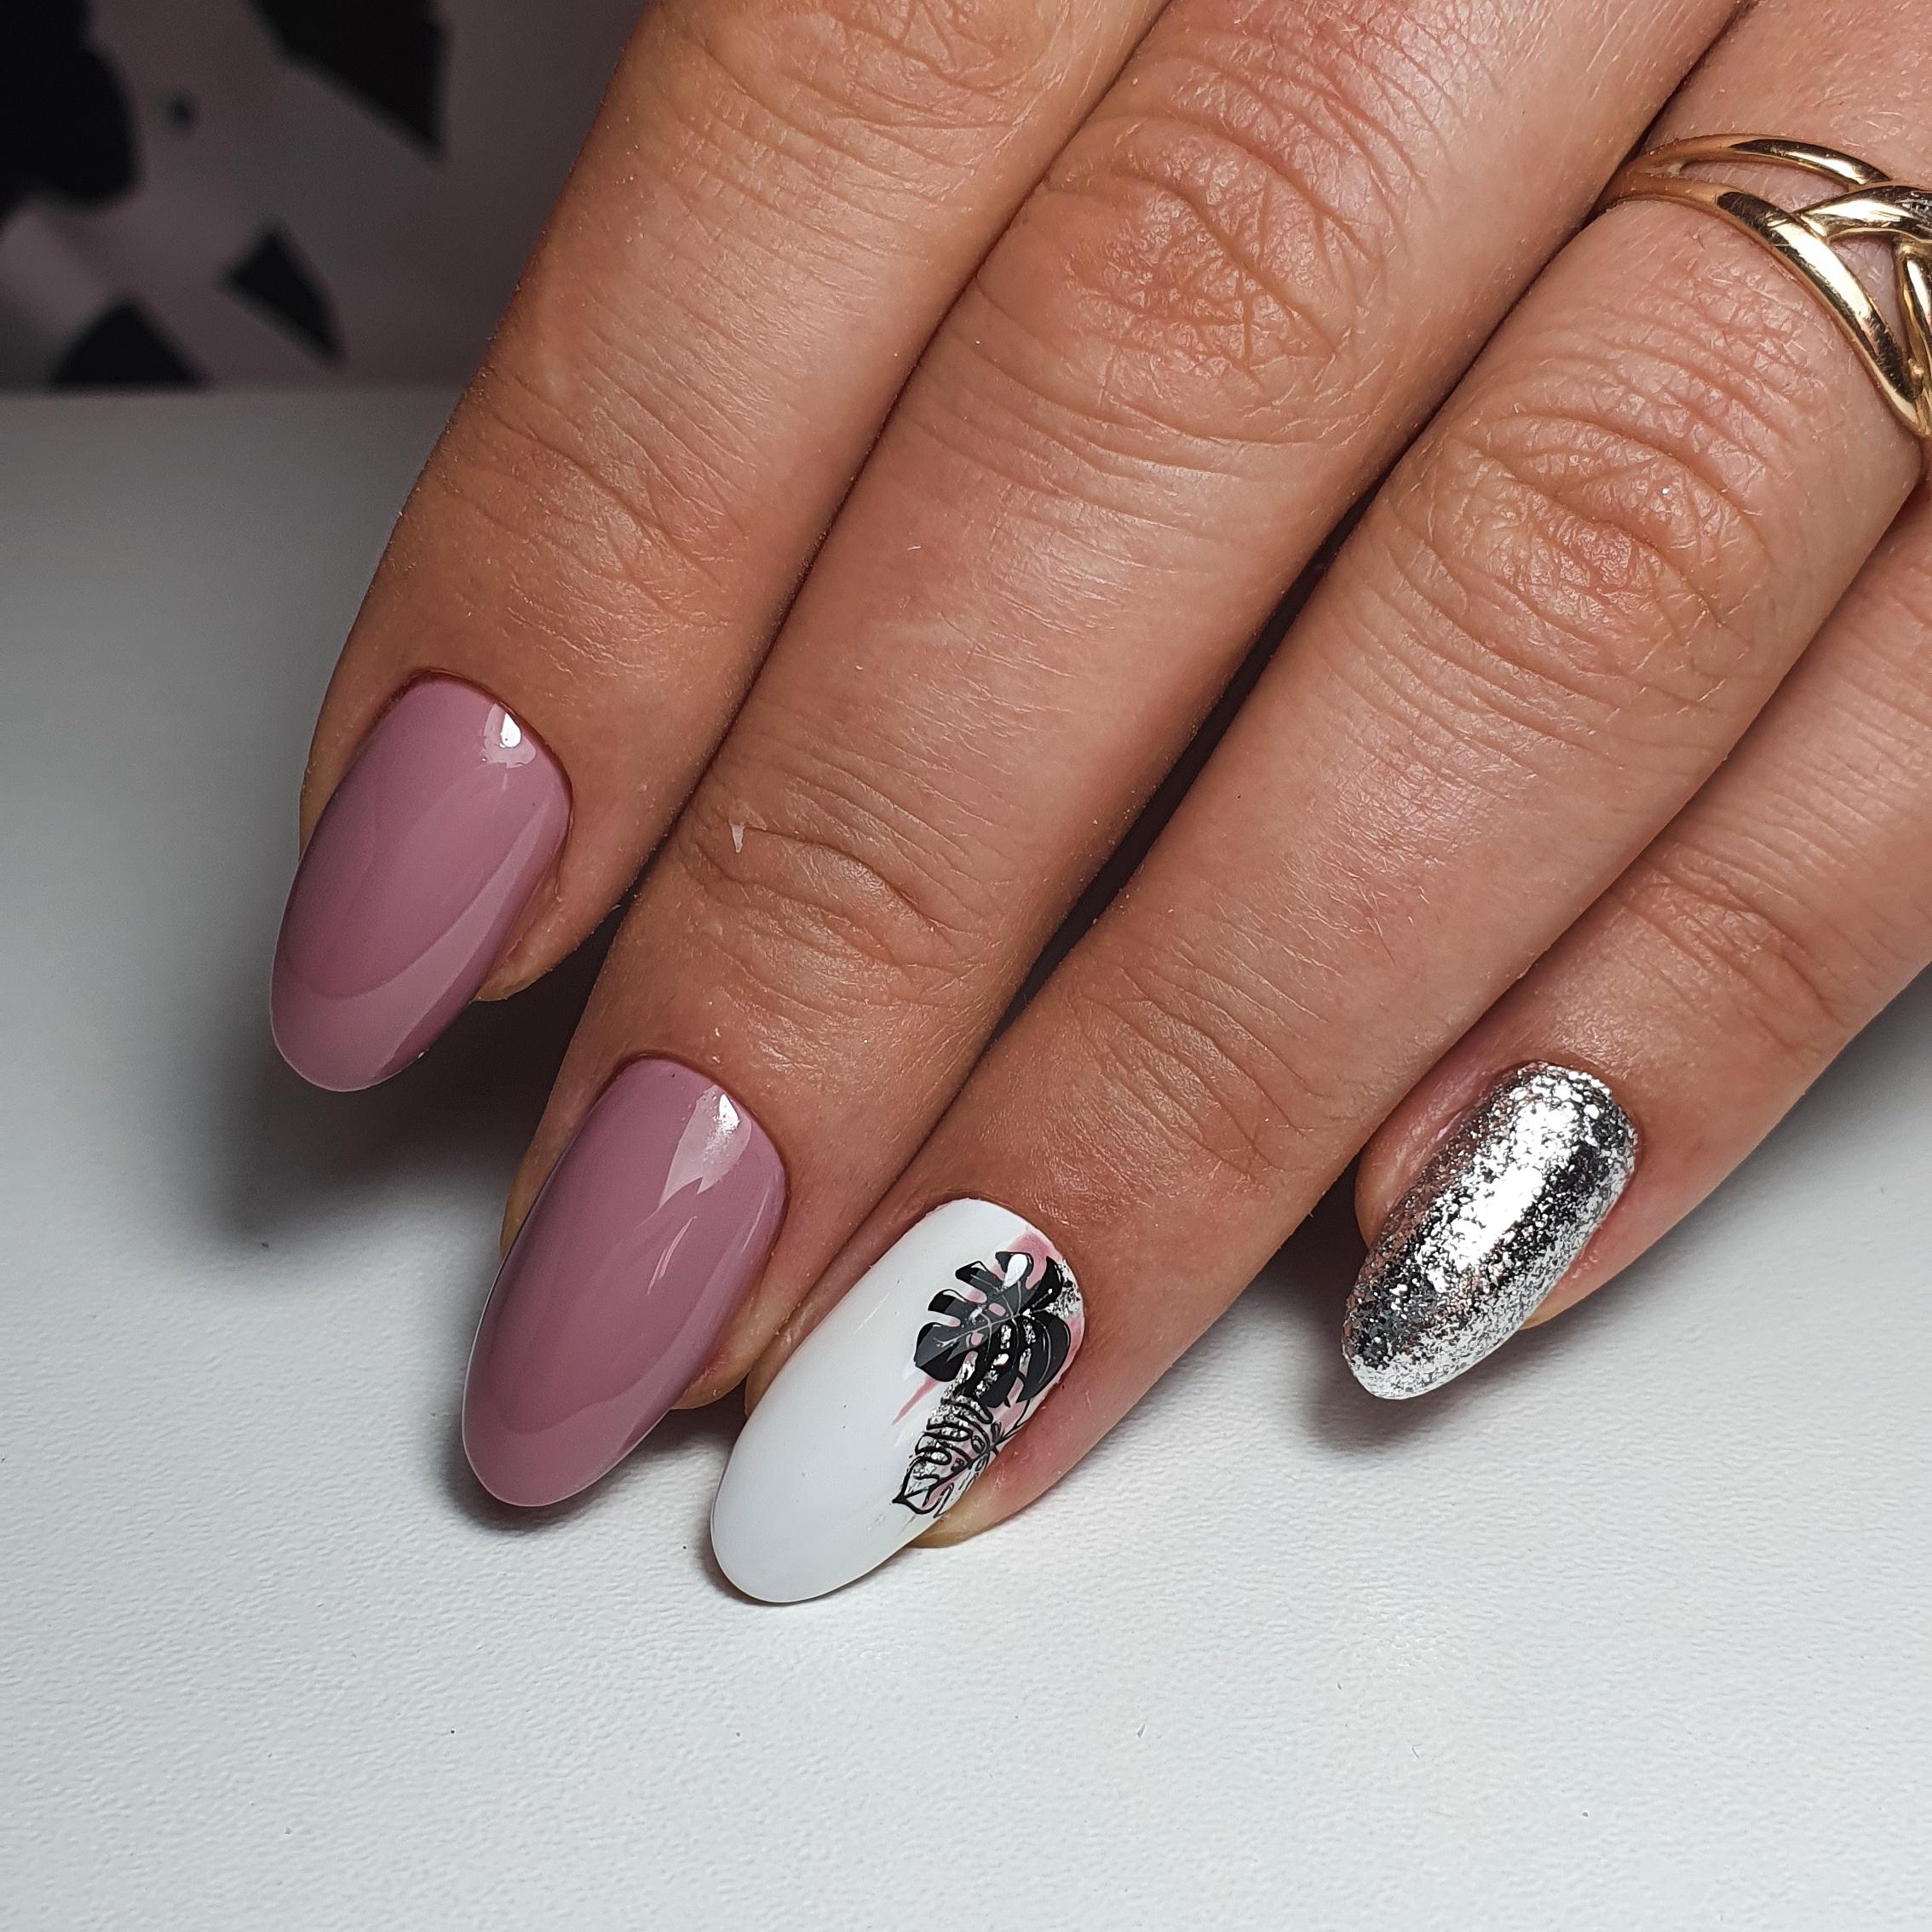 Маникюр с растительным слайдером и серебряными блестками в лиловом цвете на длинные ногти.